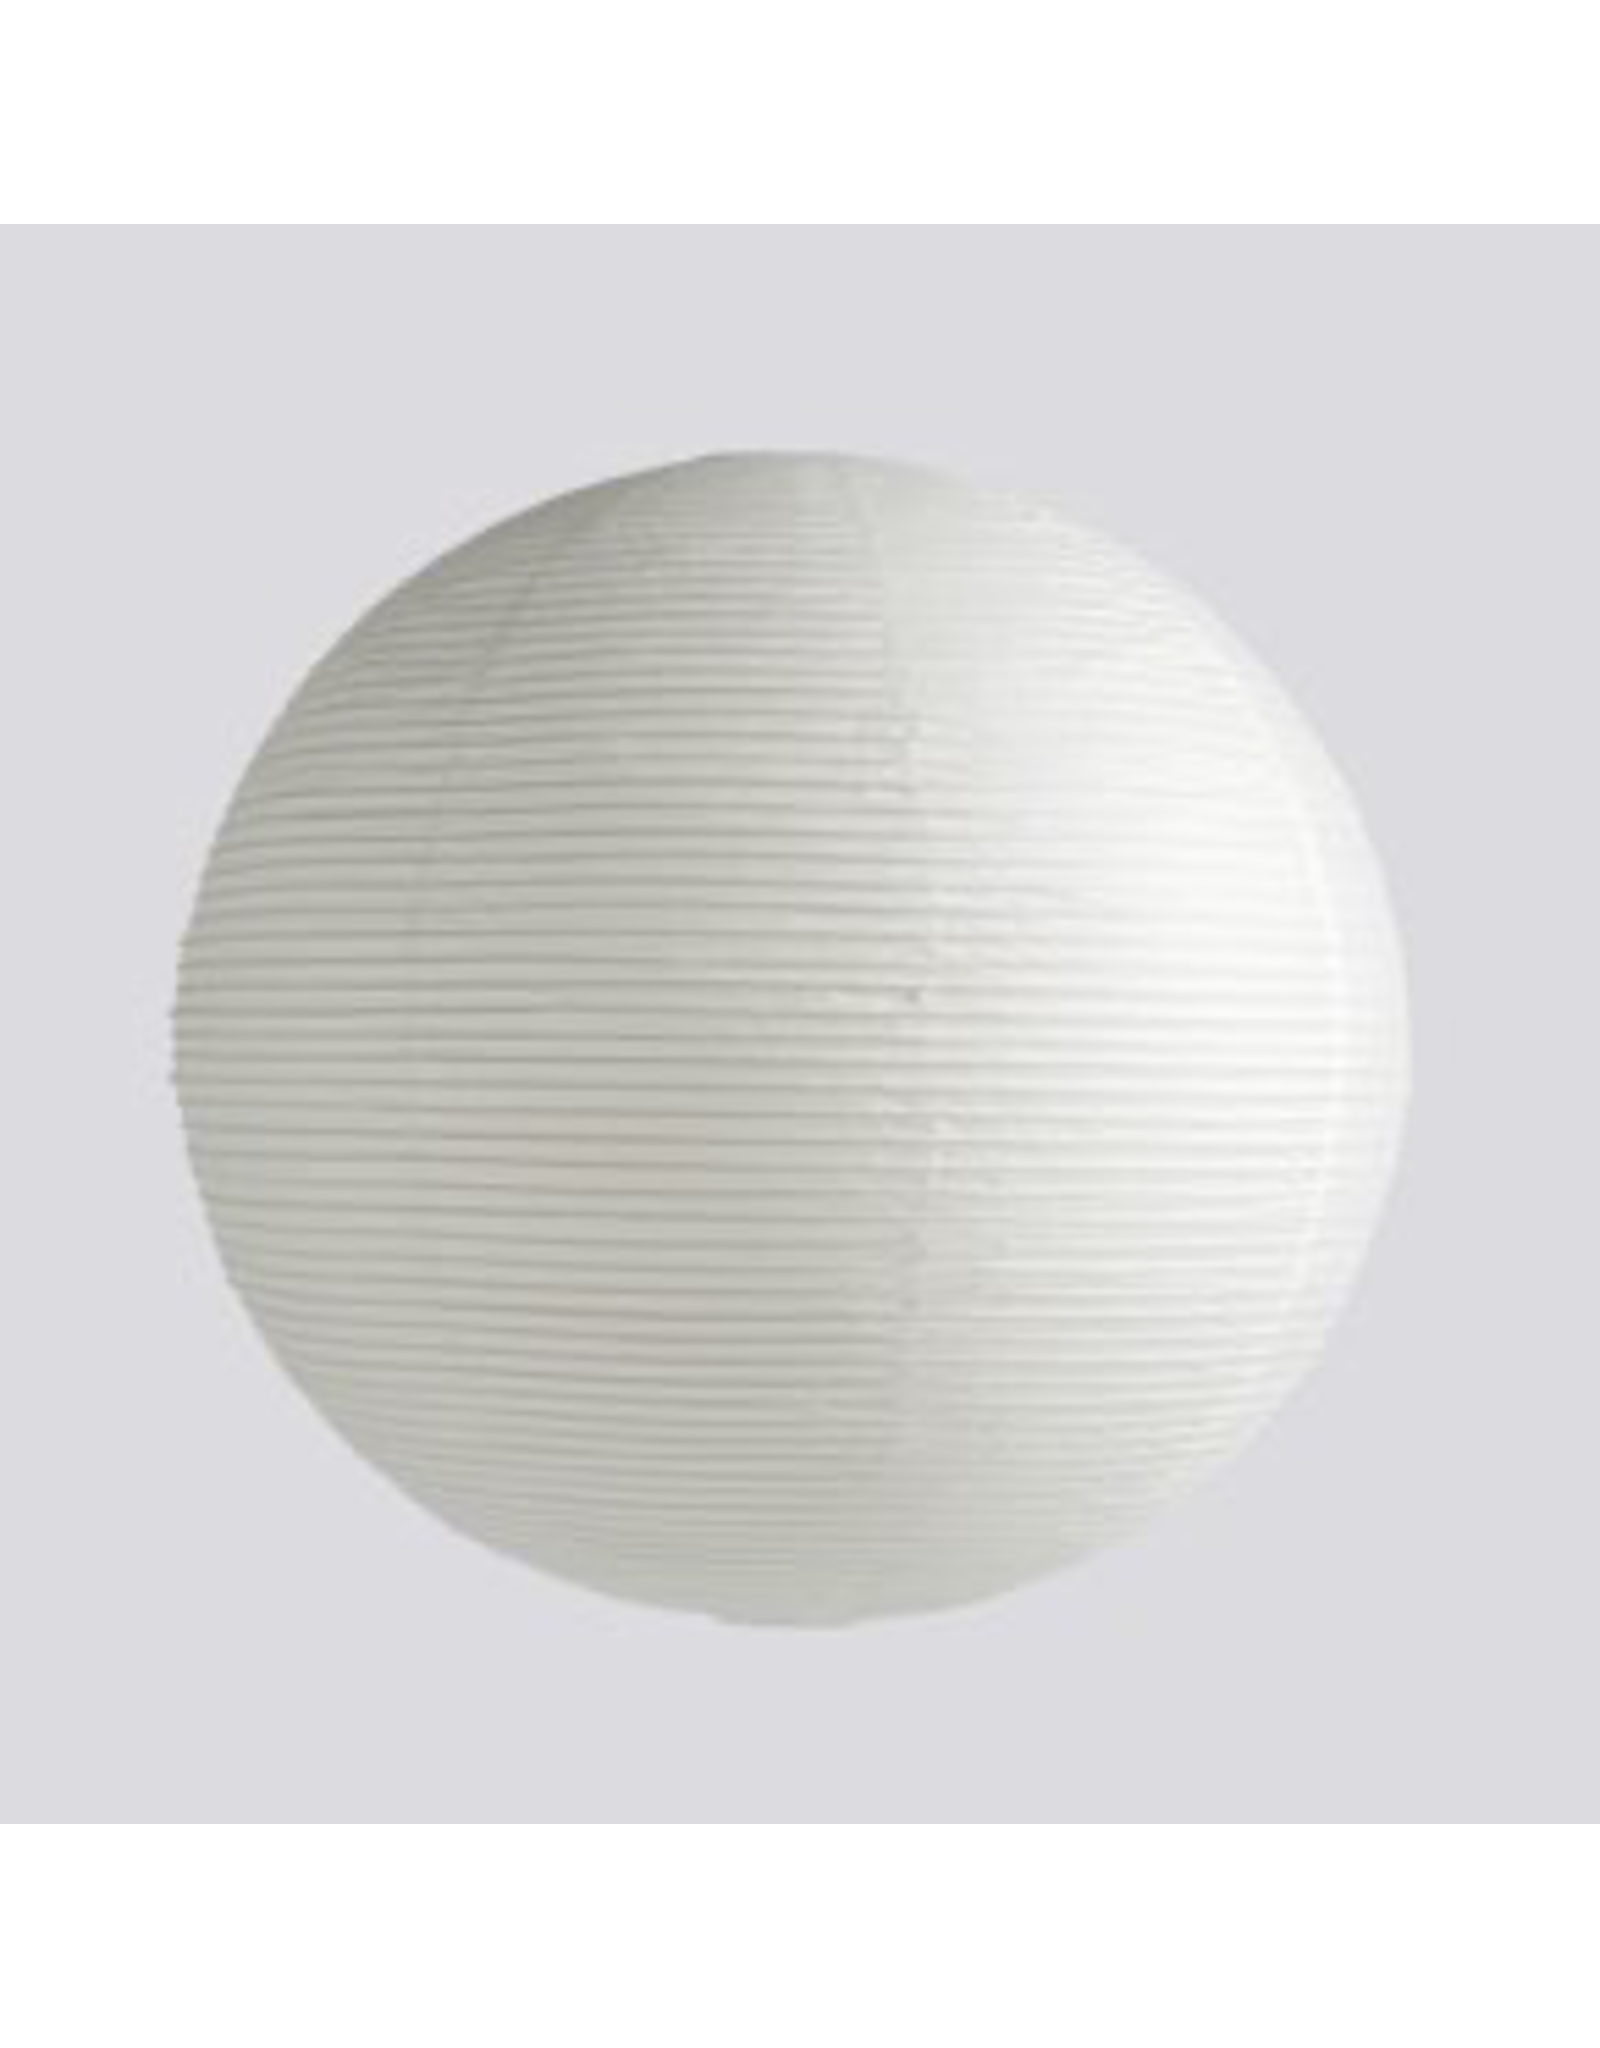 HAY Rice Paper shade / 80cm / Klassiek Wit